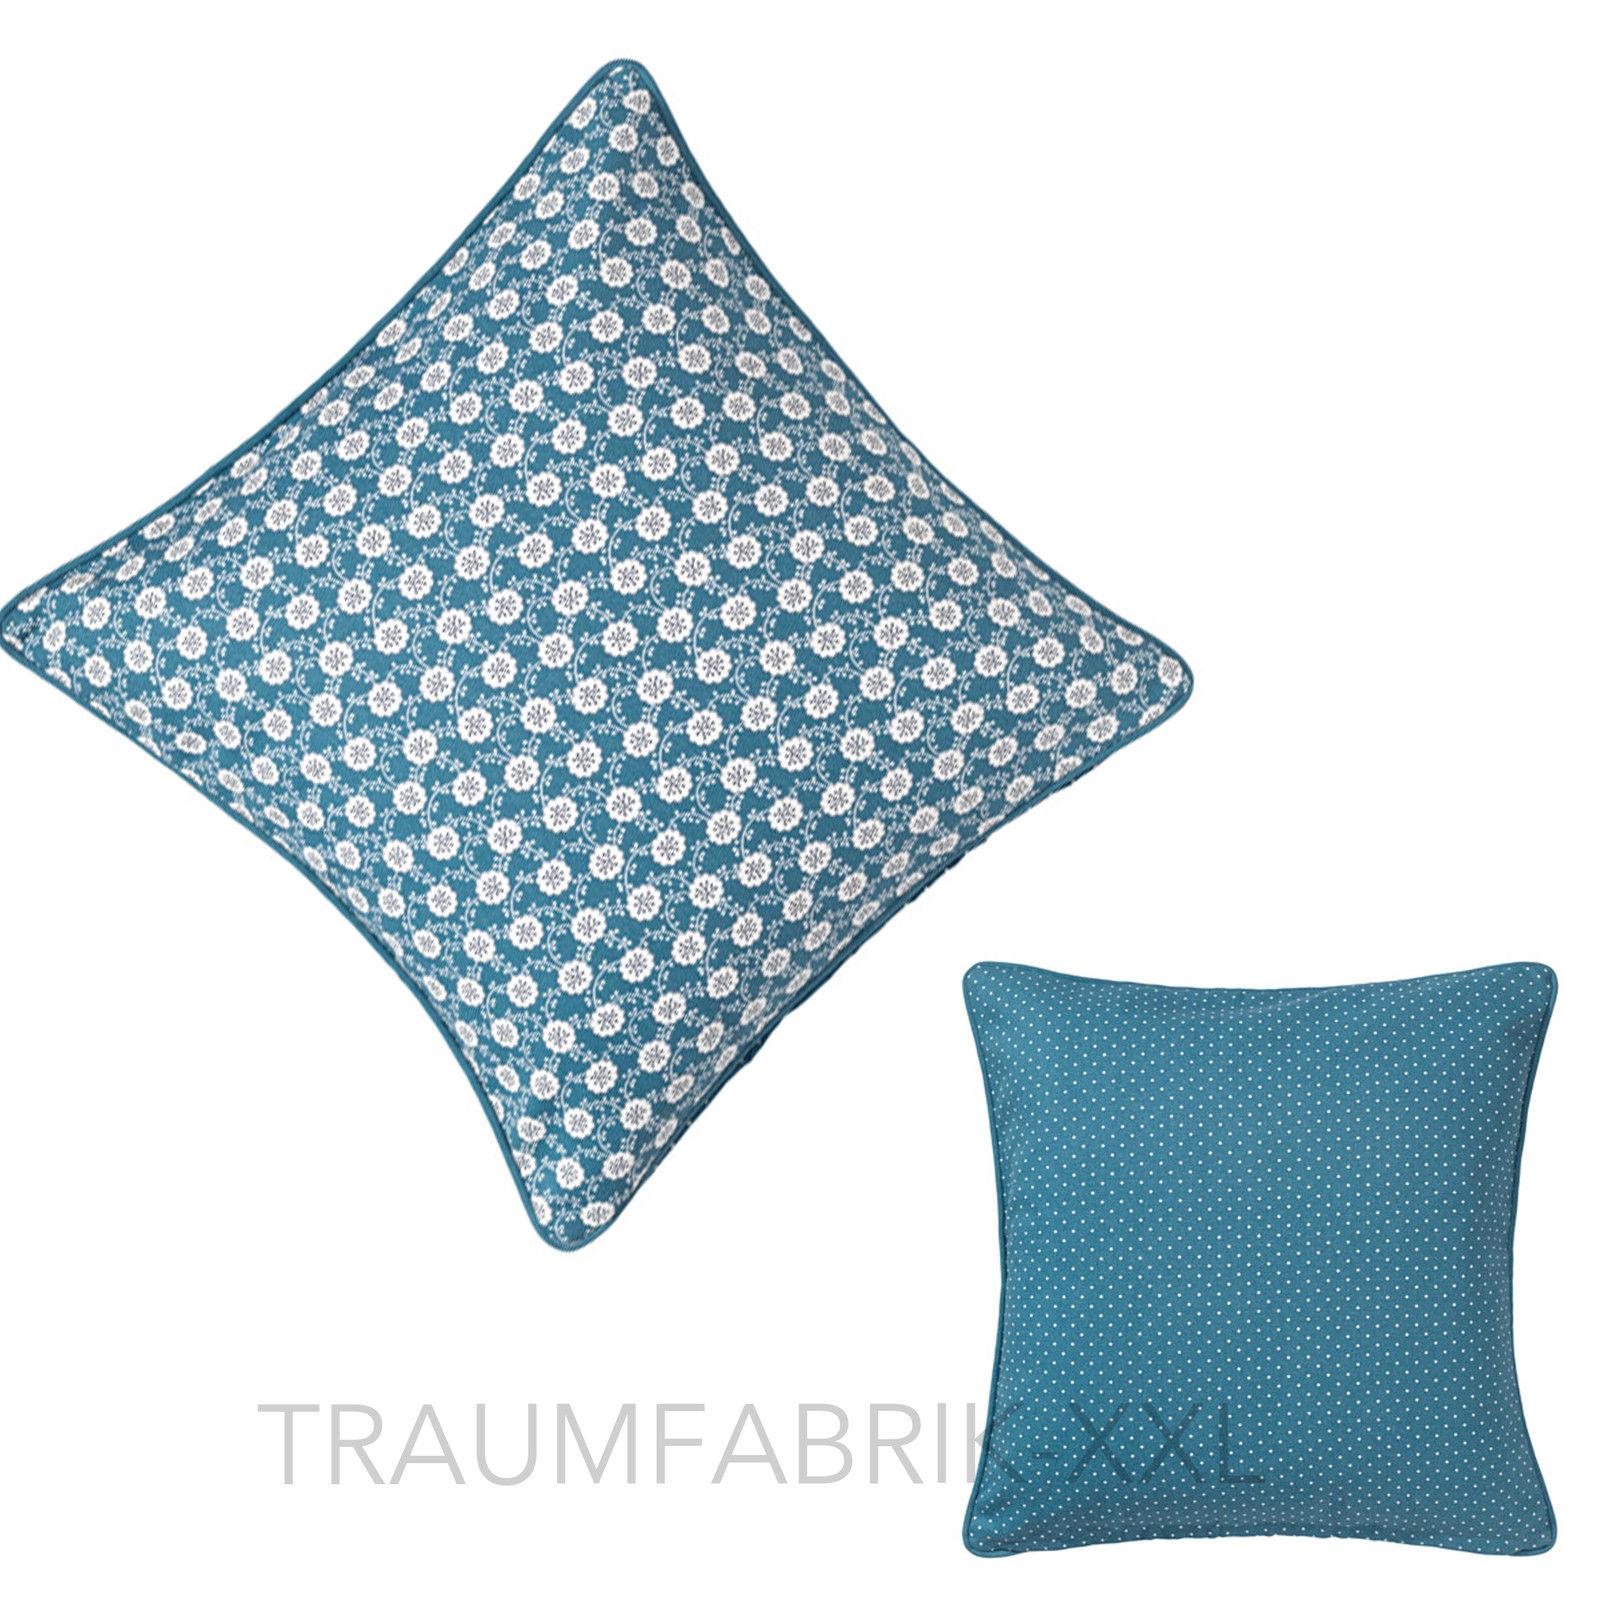 ikea l vkoja kissenh lle blau dekokissen kissenbezug 50 50 cm kissen bezug neu traumfabrik xxl. Black Bedroom Furniture Sets. Home Design Ideas